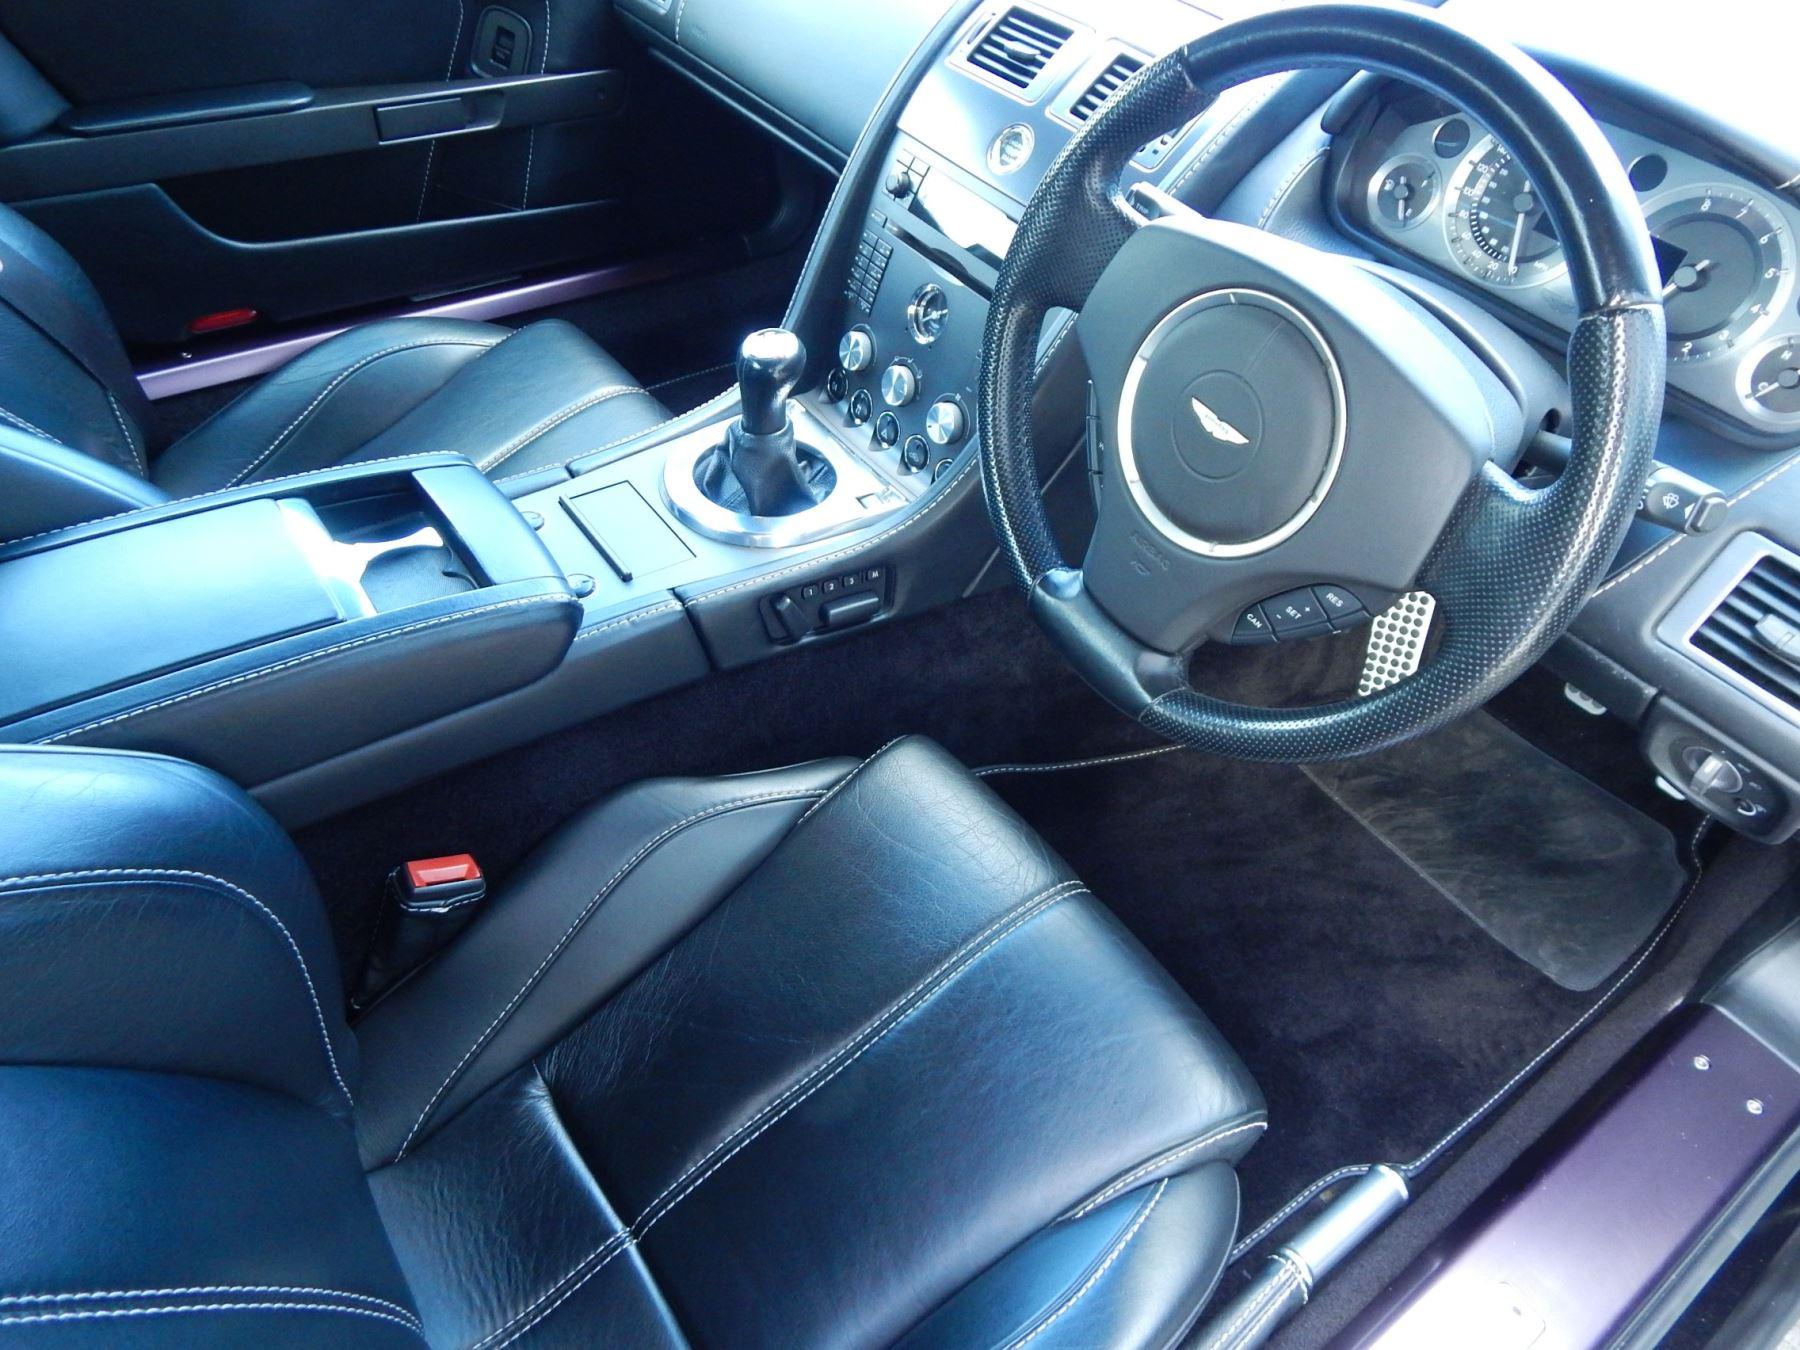 Aston Martin V8 Vantage Roadster 4.3 V8 Roadster image 8